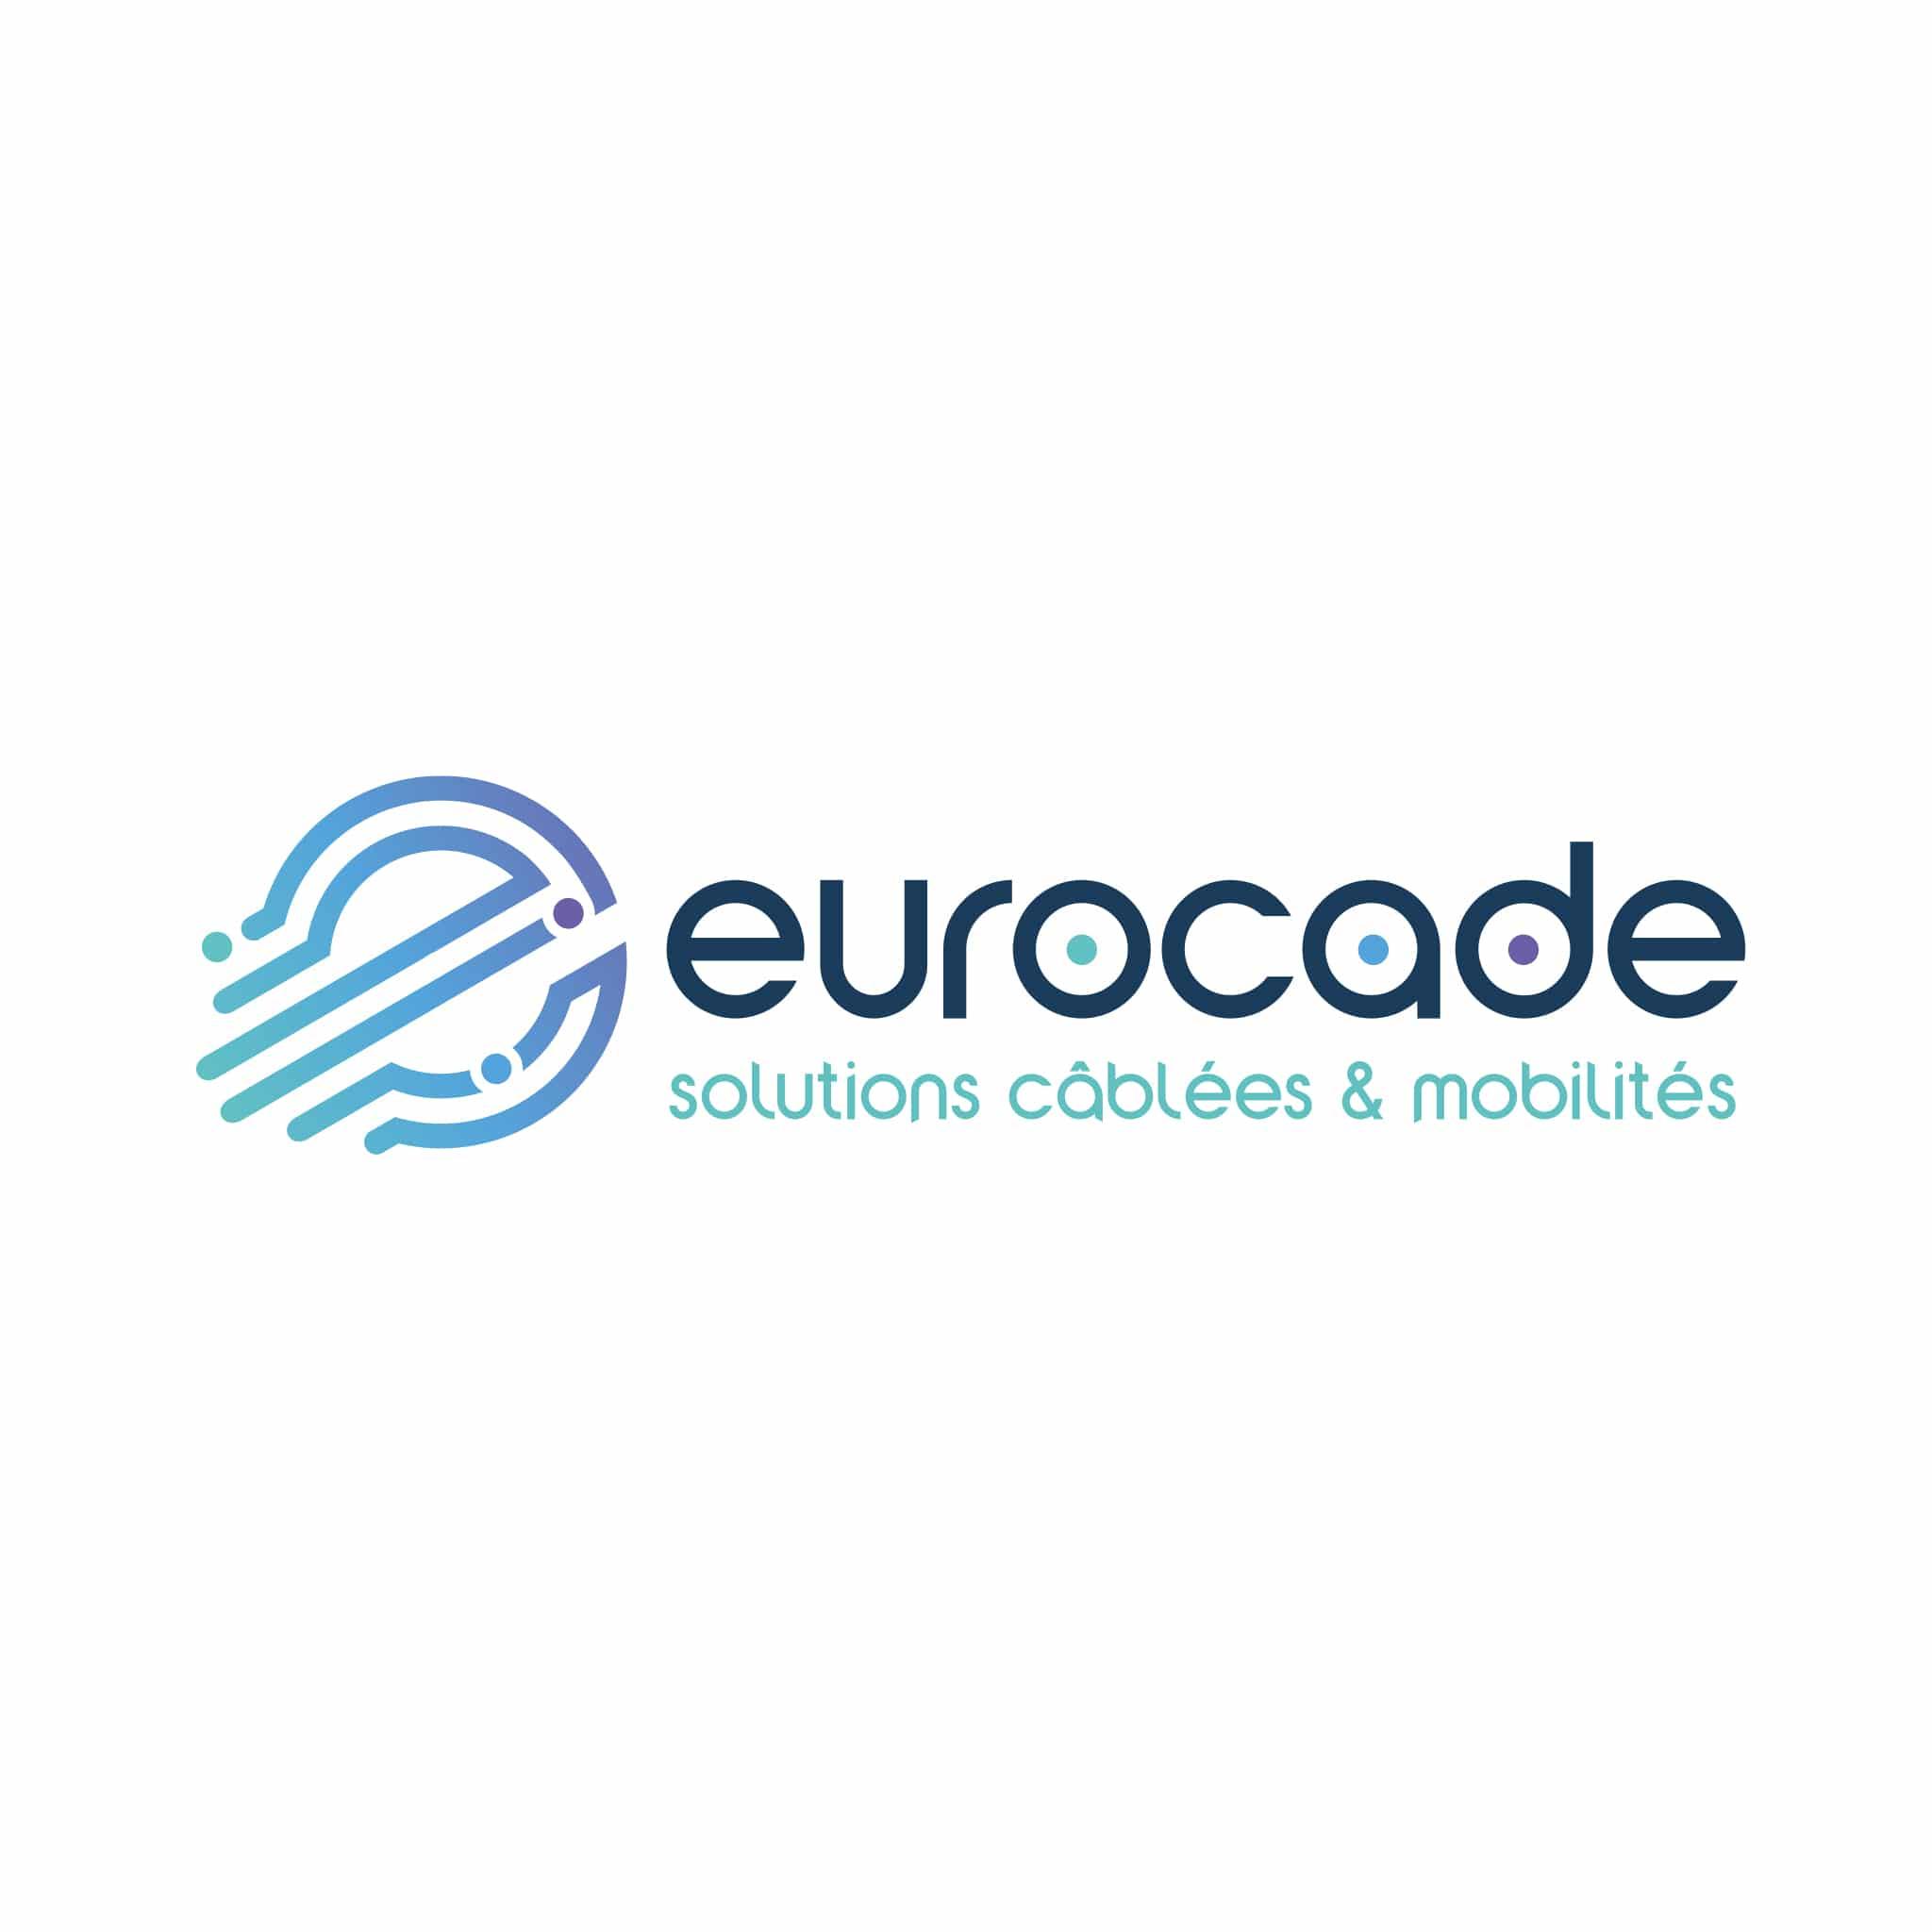 eurocade-logo-2